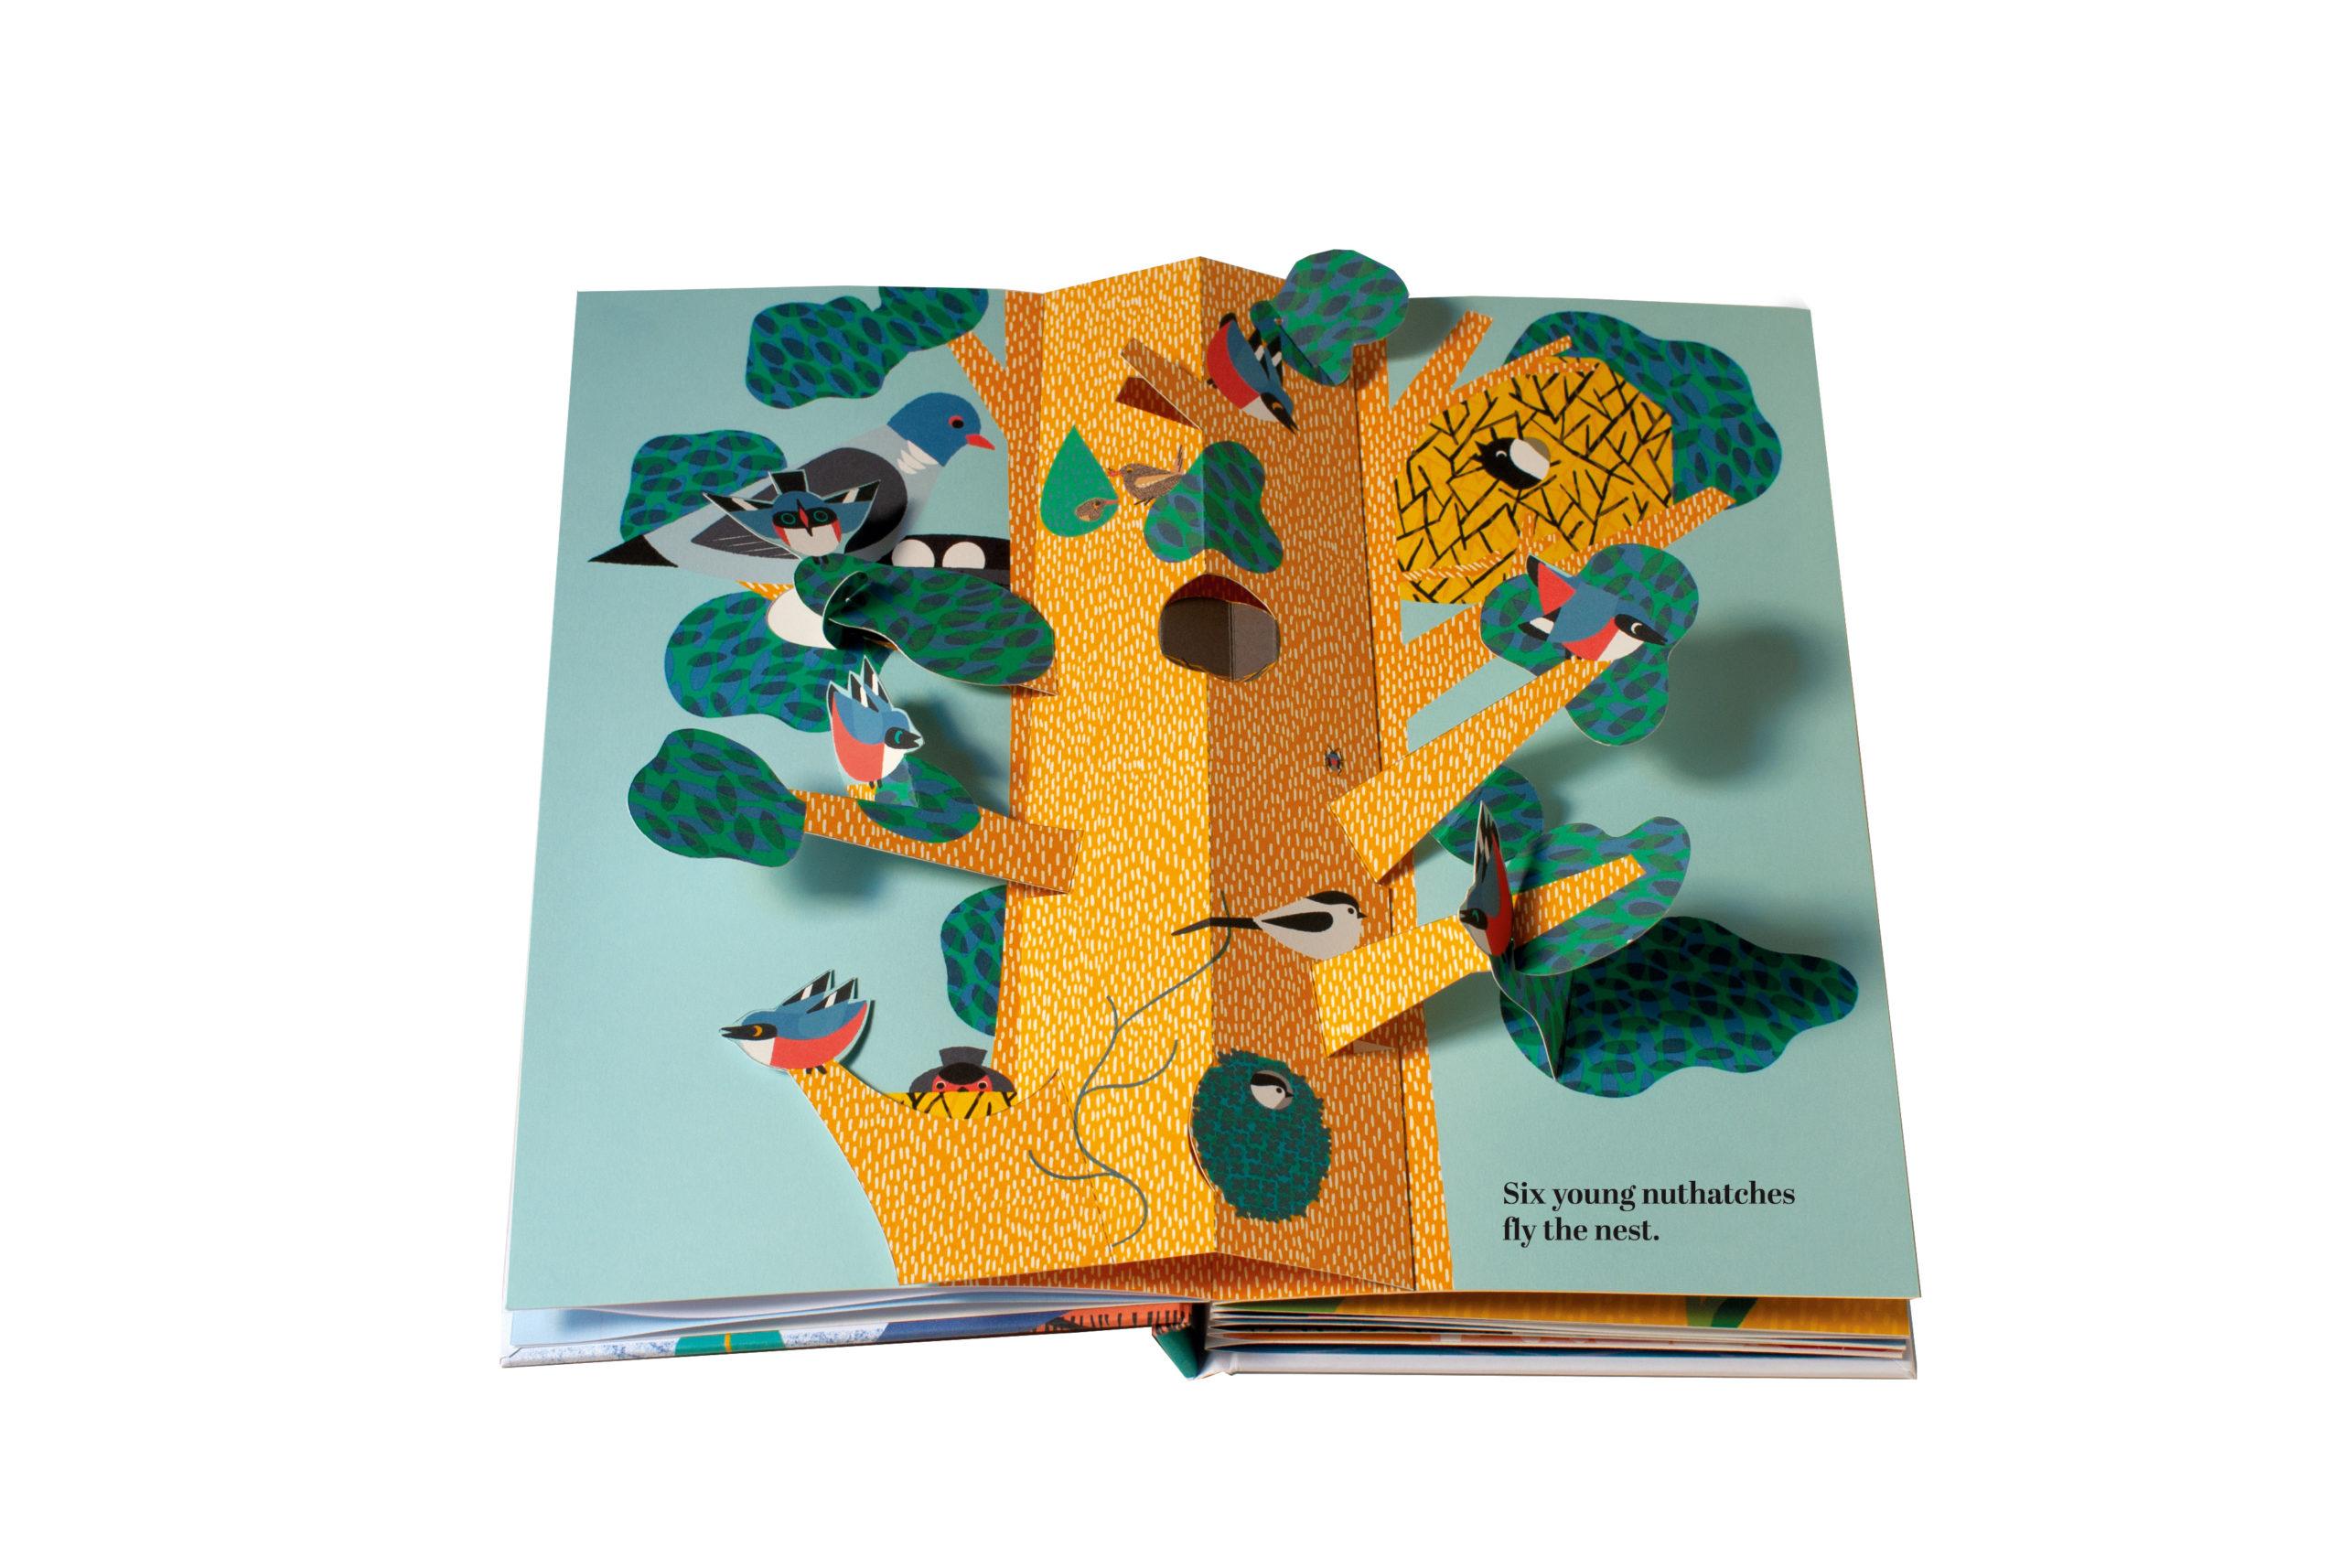 pp.003-004OliviaCosneau,SixLittleBirds,LittleGestalten2019